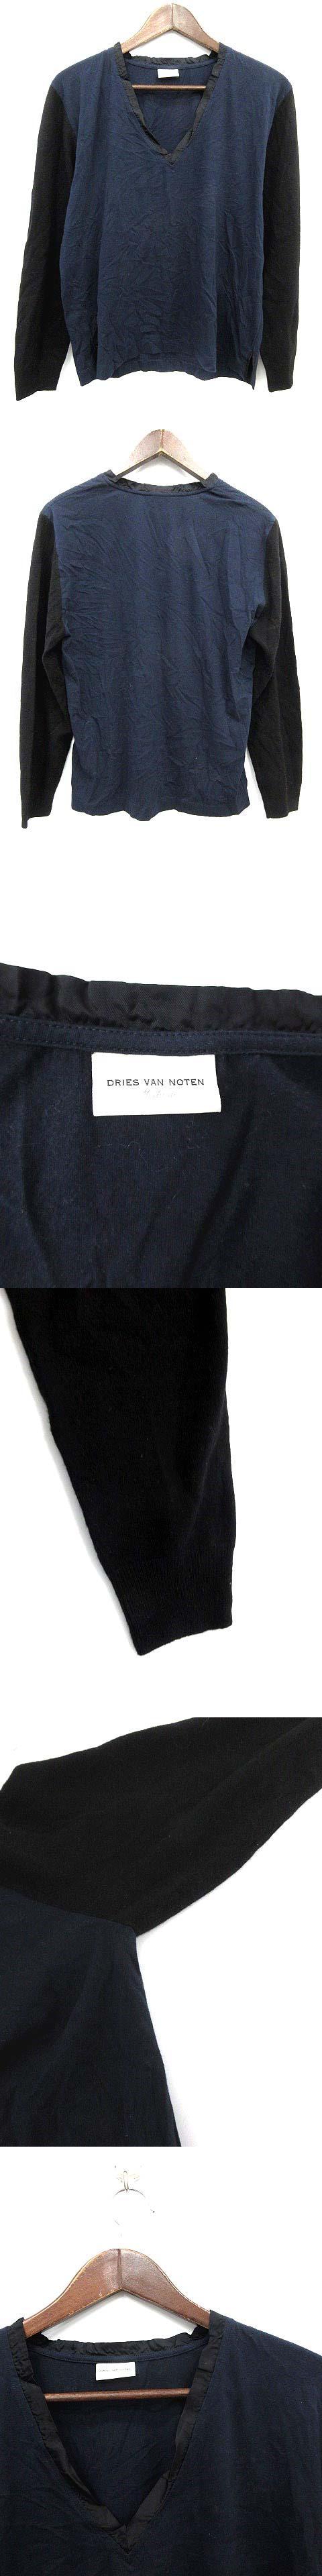 カットソー ニット 切り替え 長袖 Vネック M 紺 黒 /KH ● ■CA